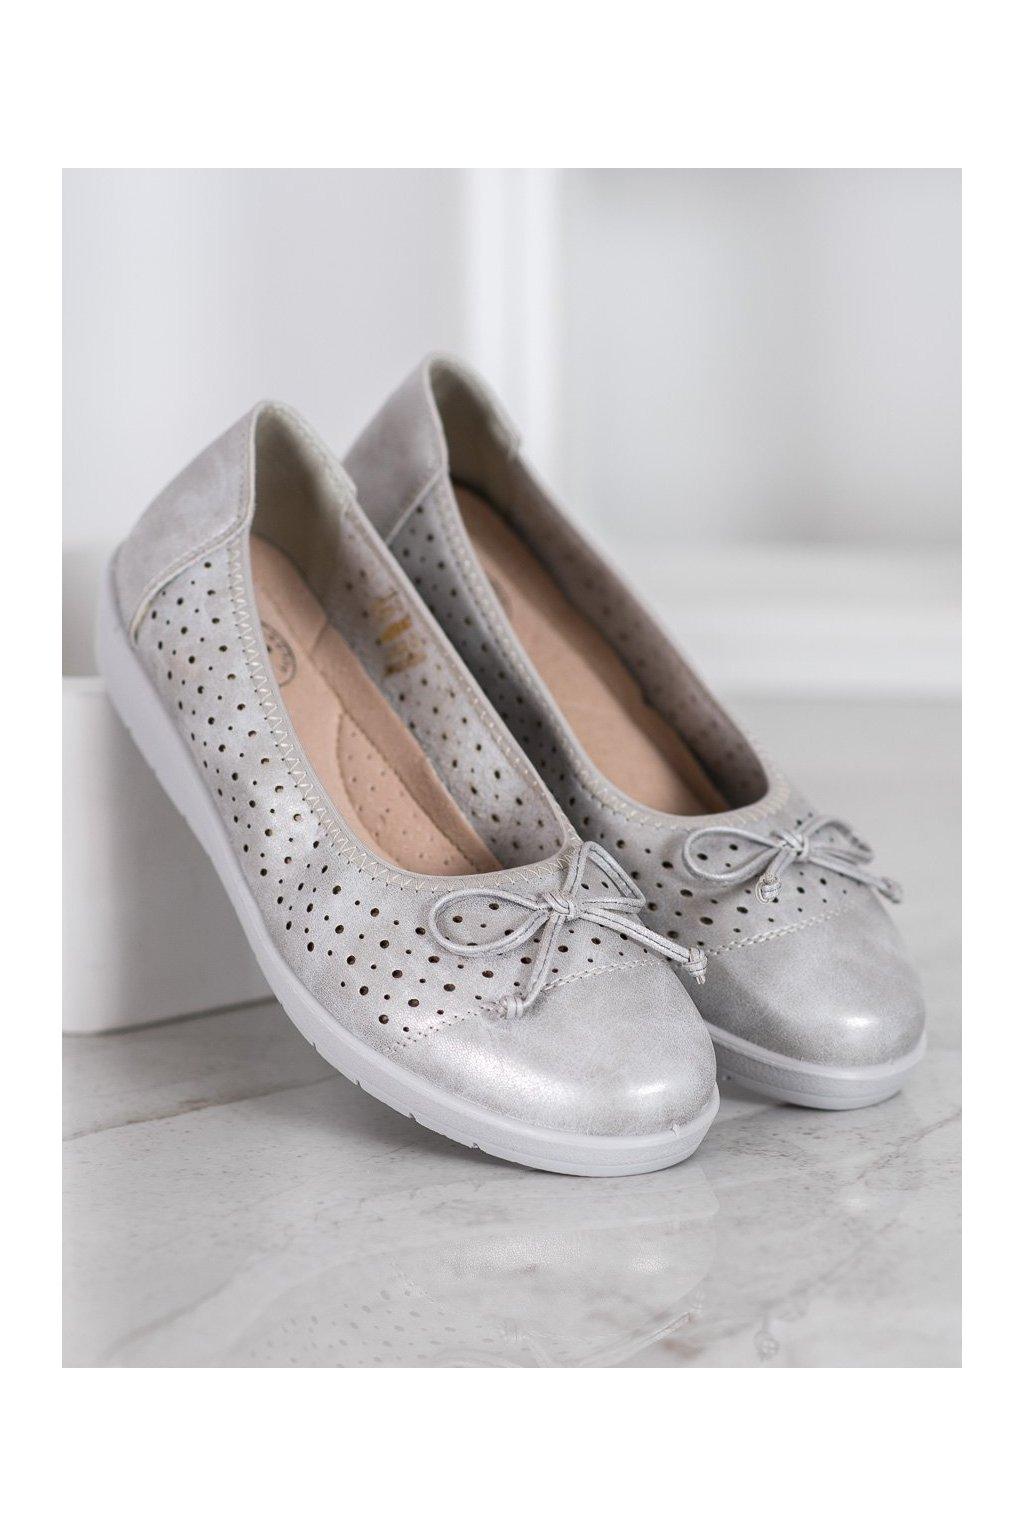 Sivé dámske balerínky Shelovet kod 6069S